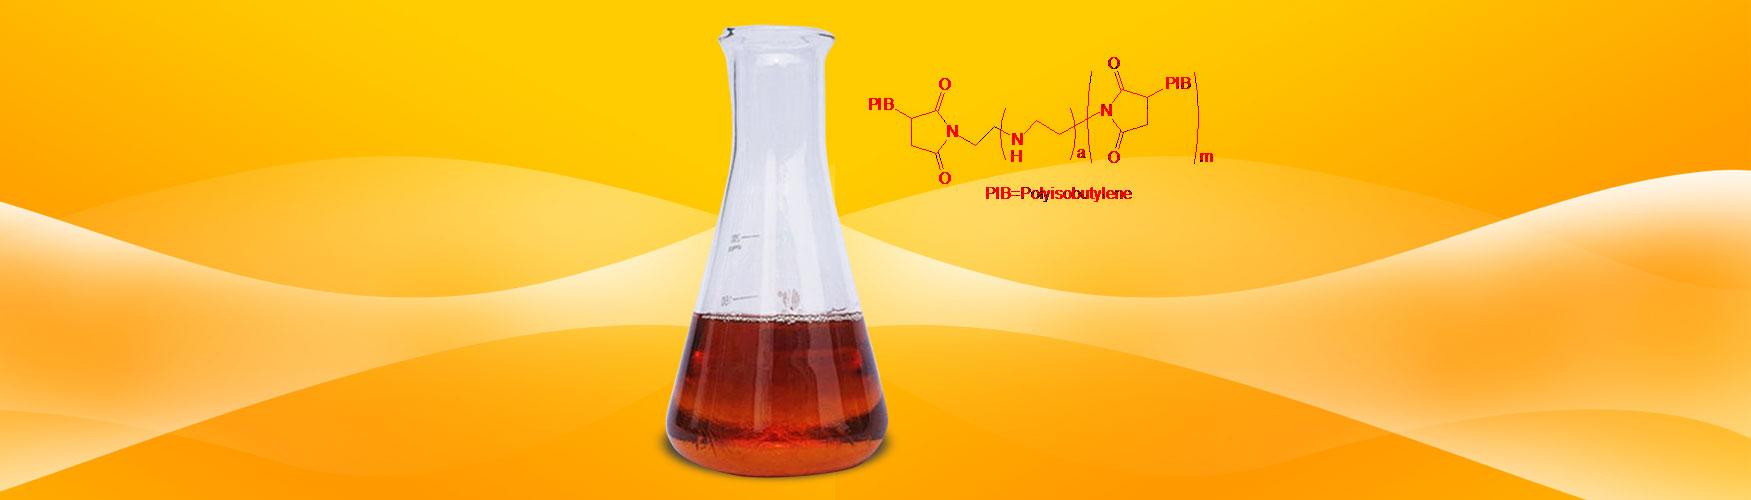 PIBSI-polyisobutylene-Succinimides